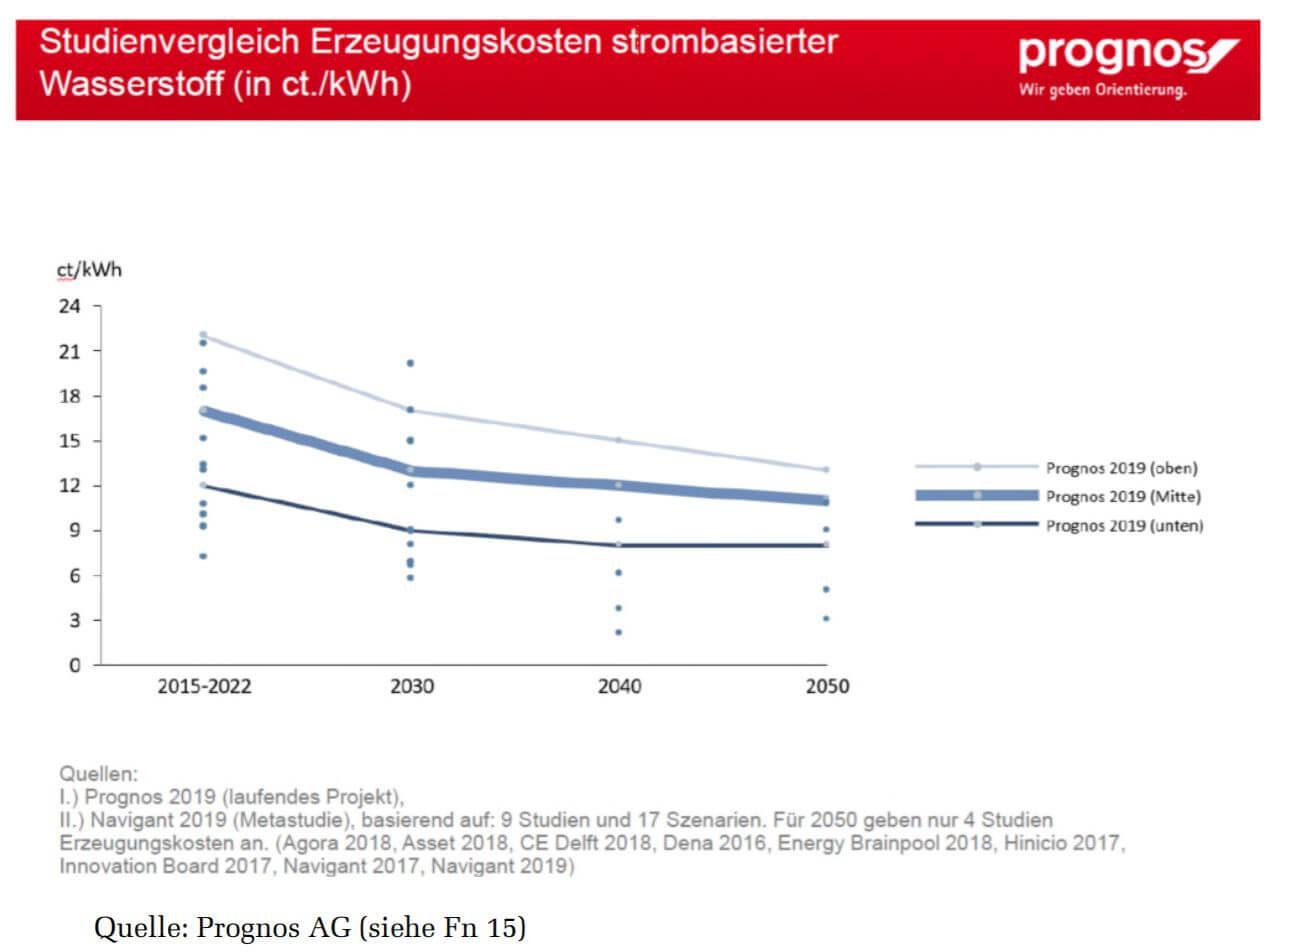 Wasserstoff Produktionskosten Prognose